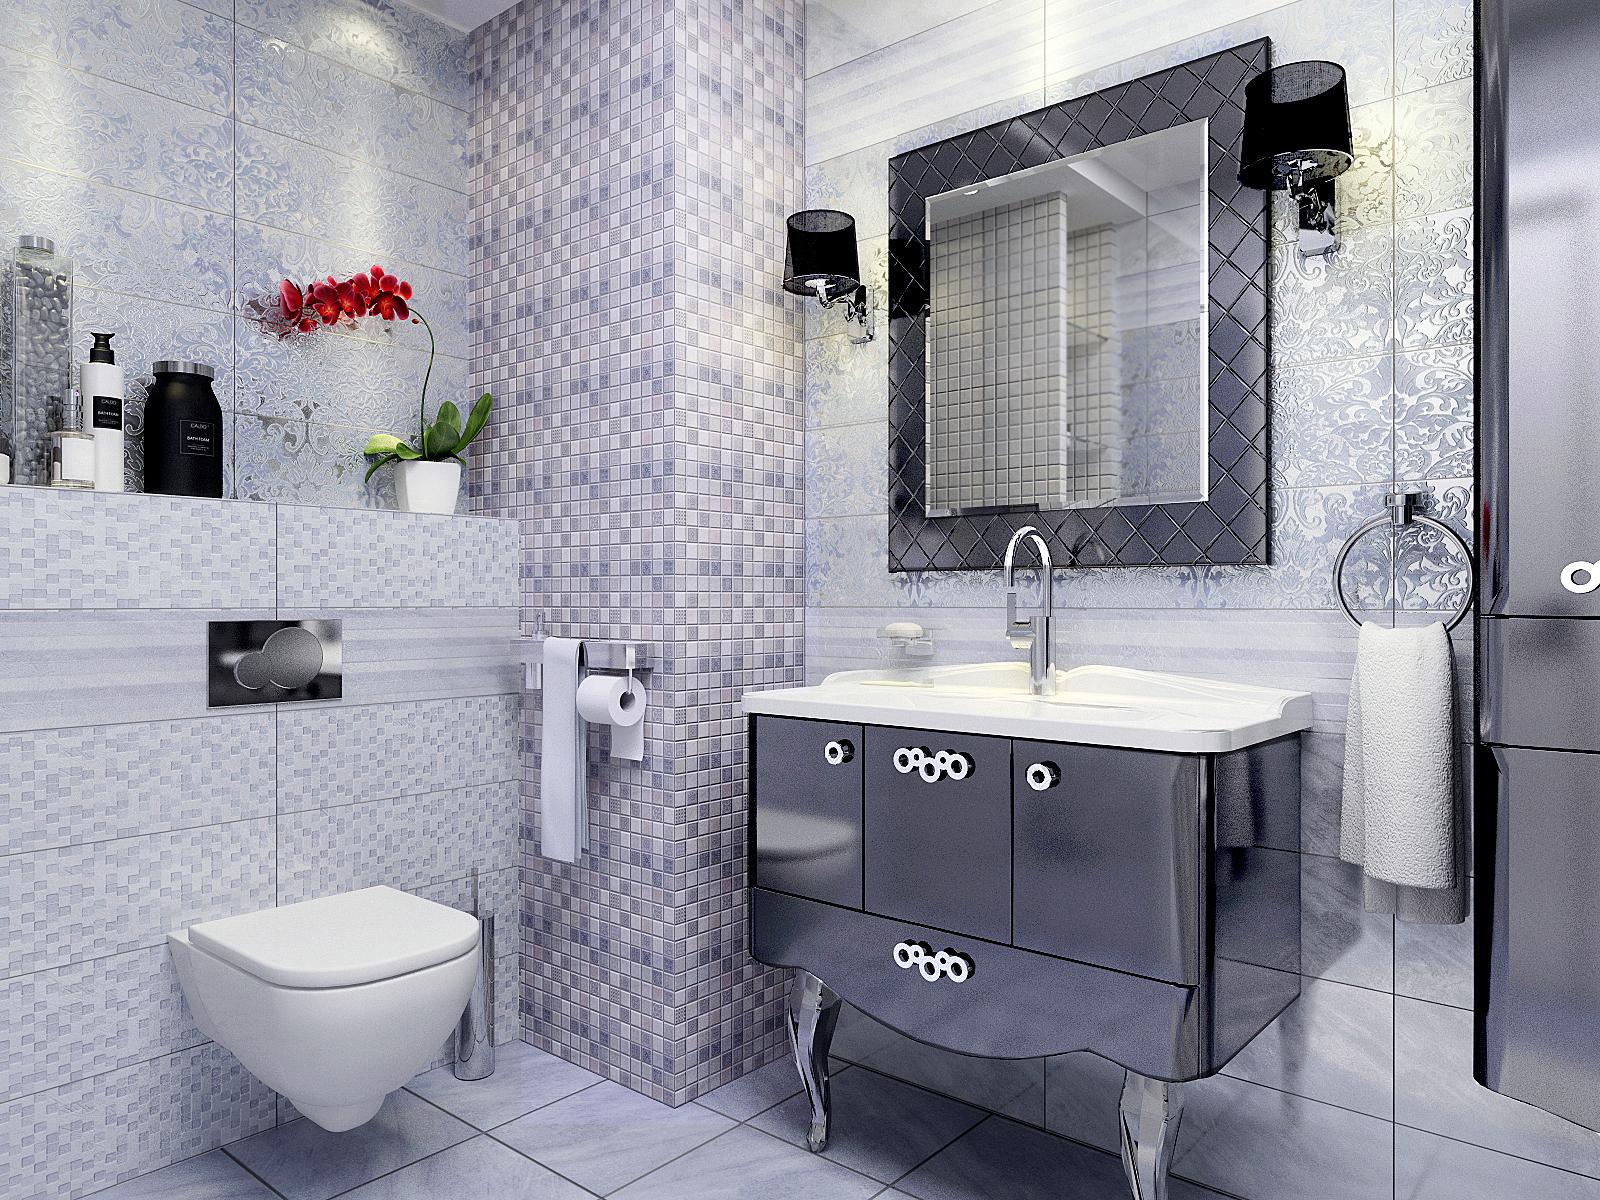 Декоративные элементы Керамическая плитка Атриум серая БЕЛЛЕЗА / BELLEZA: цвет - серый; размер плитки - 20x60 - Купить в интернет-магазине Мир Керамики